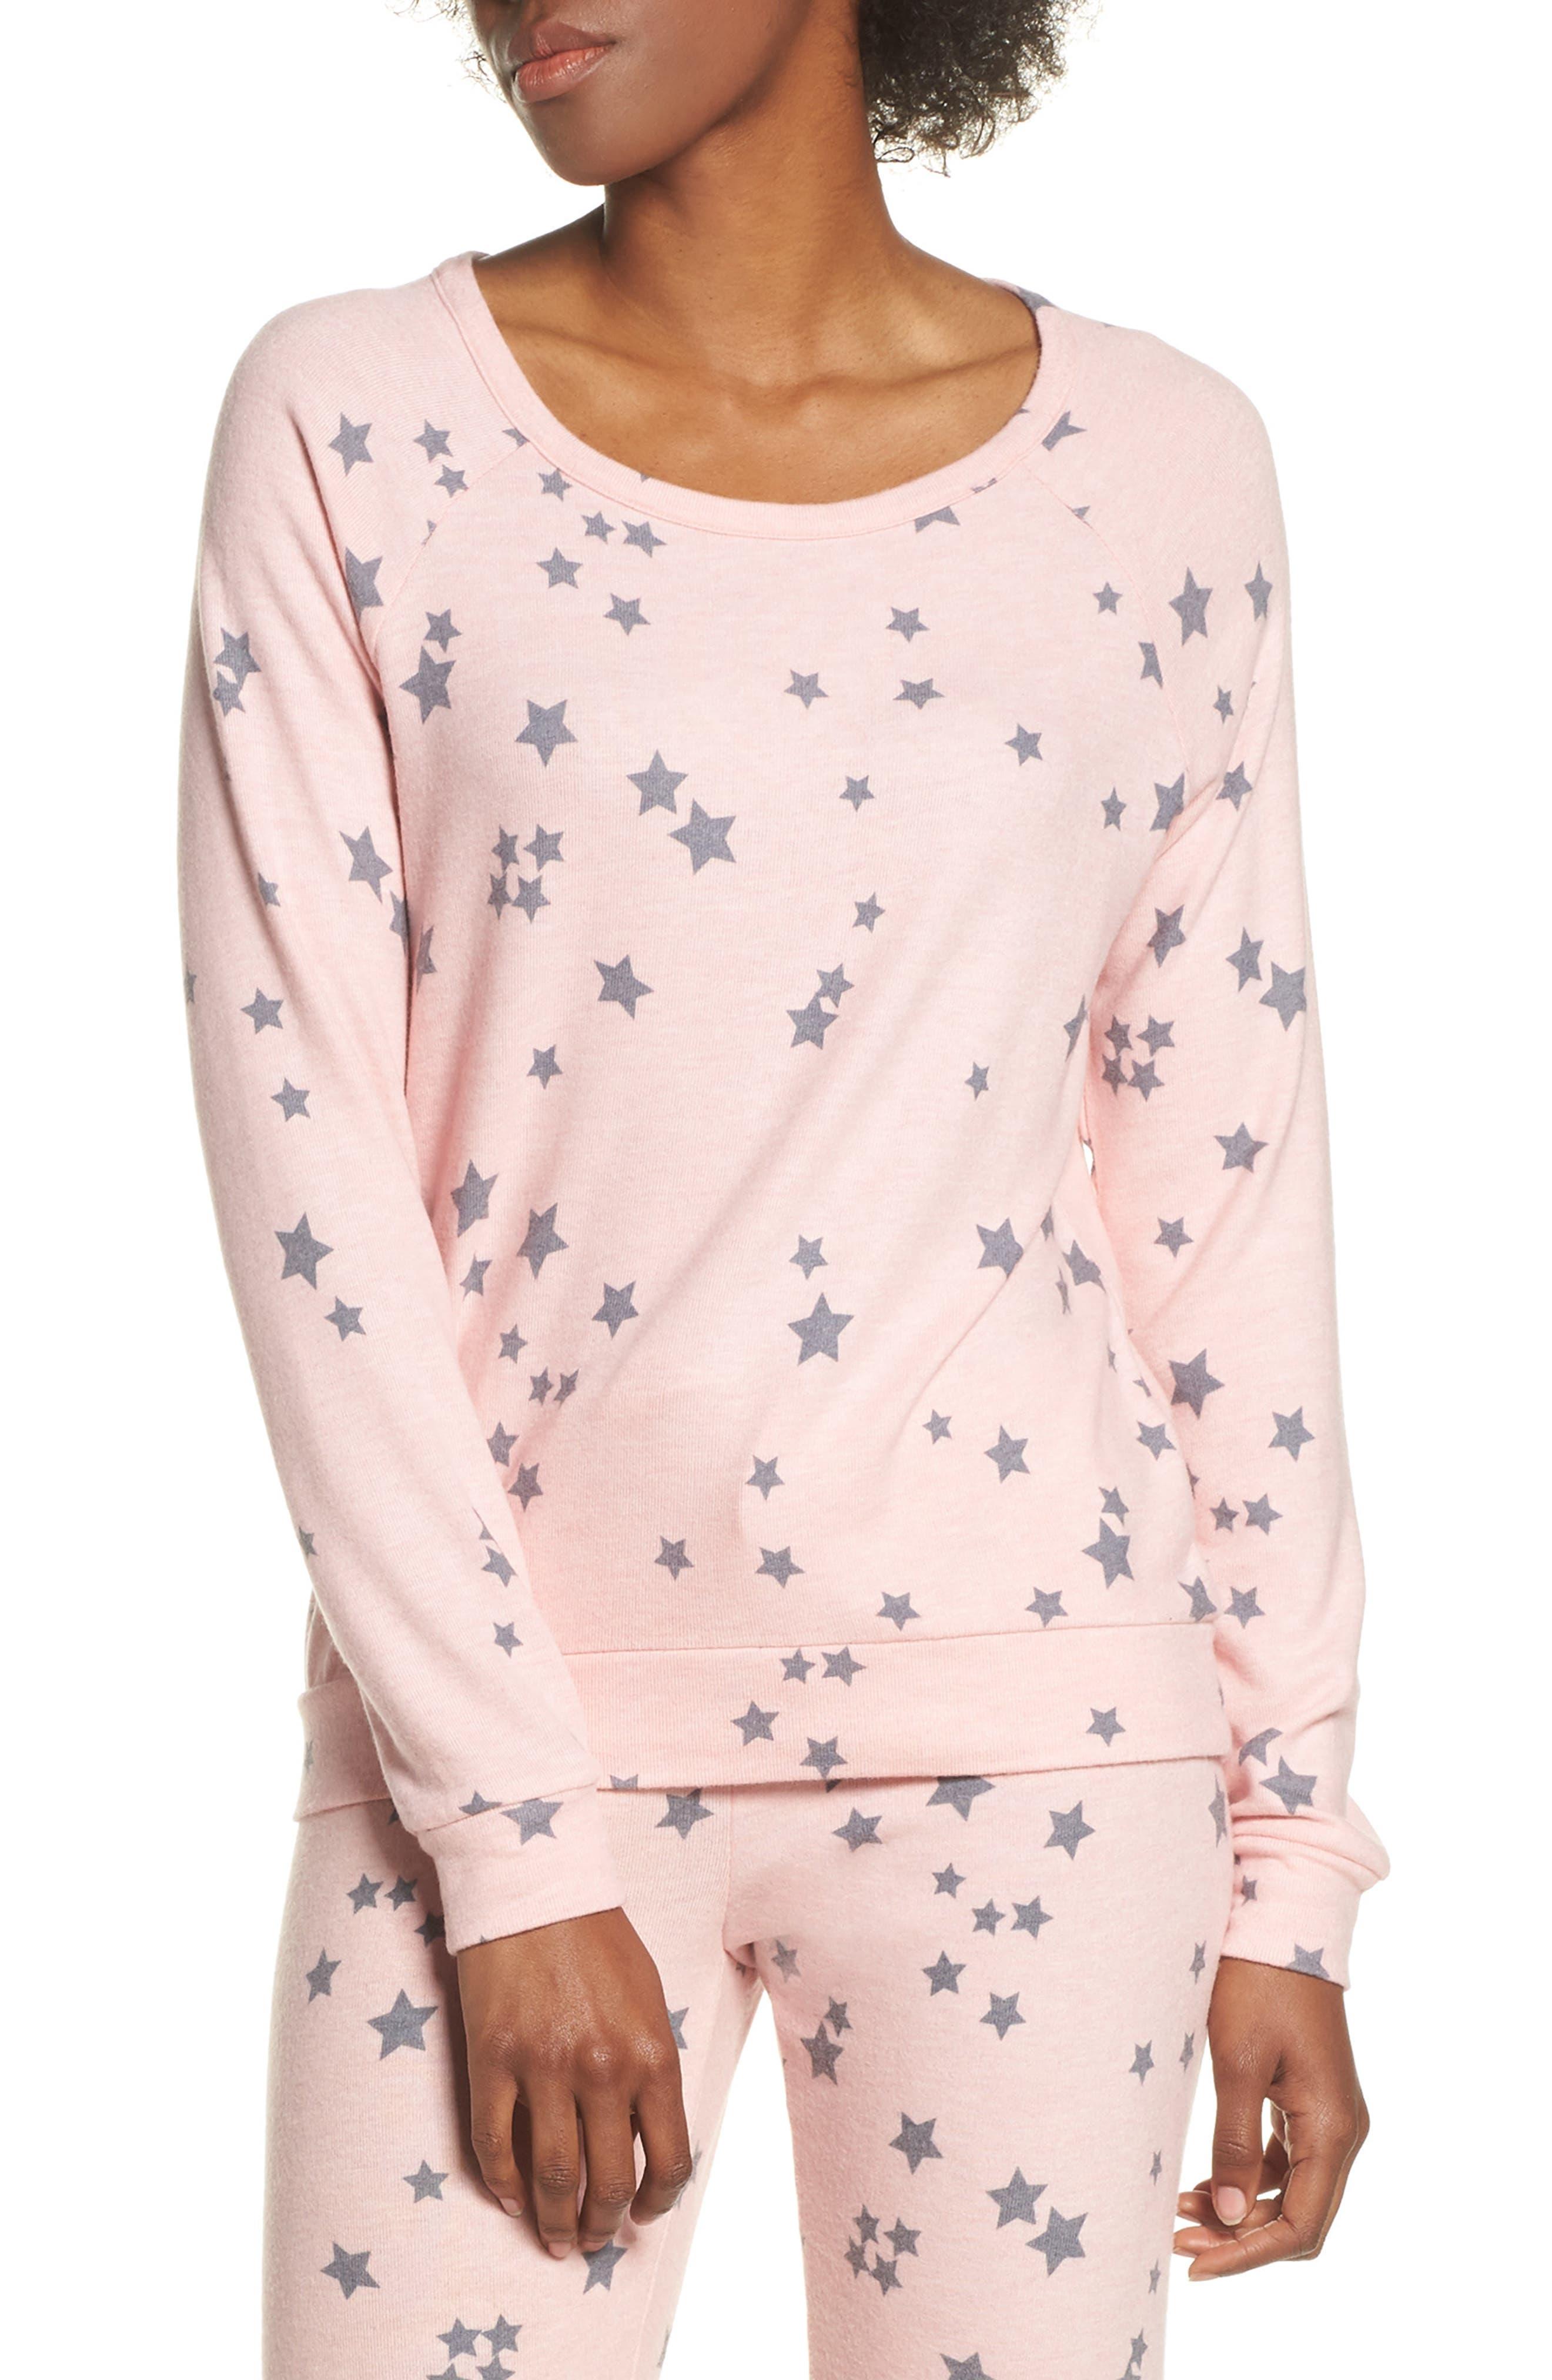 Pj Salvage Peachy Party Pajama Top, Pink